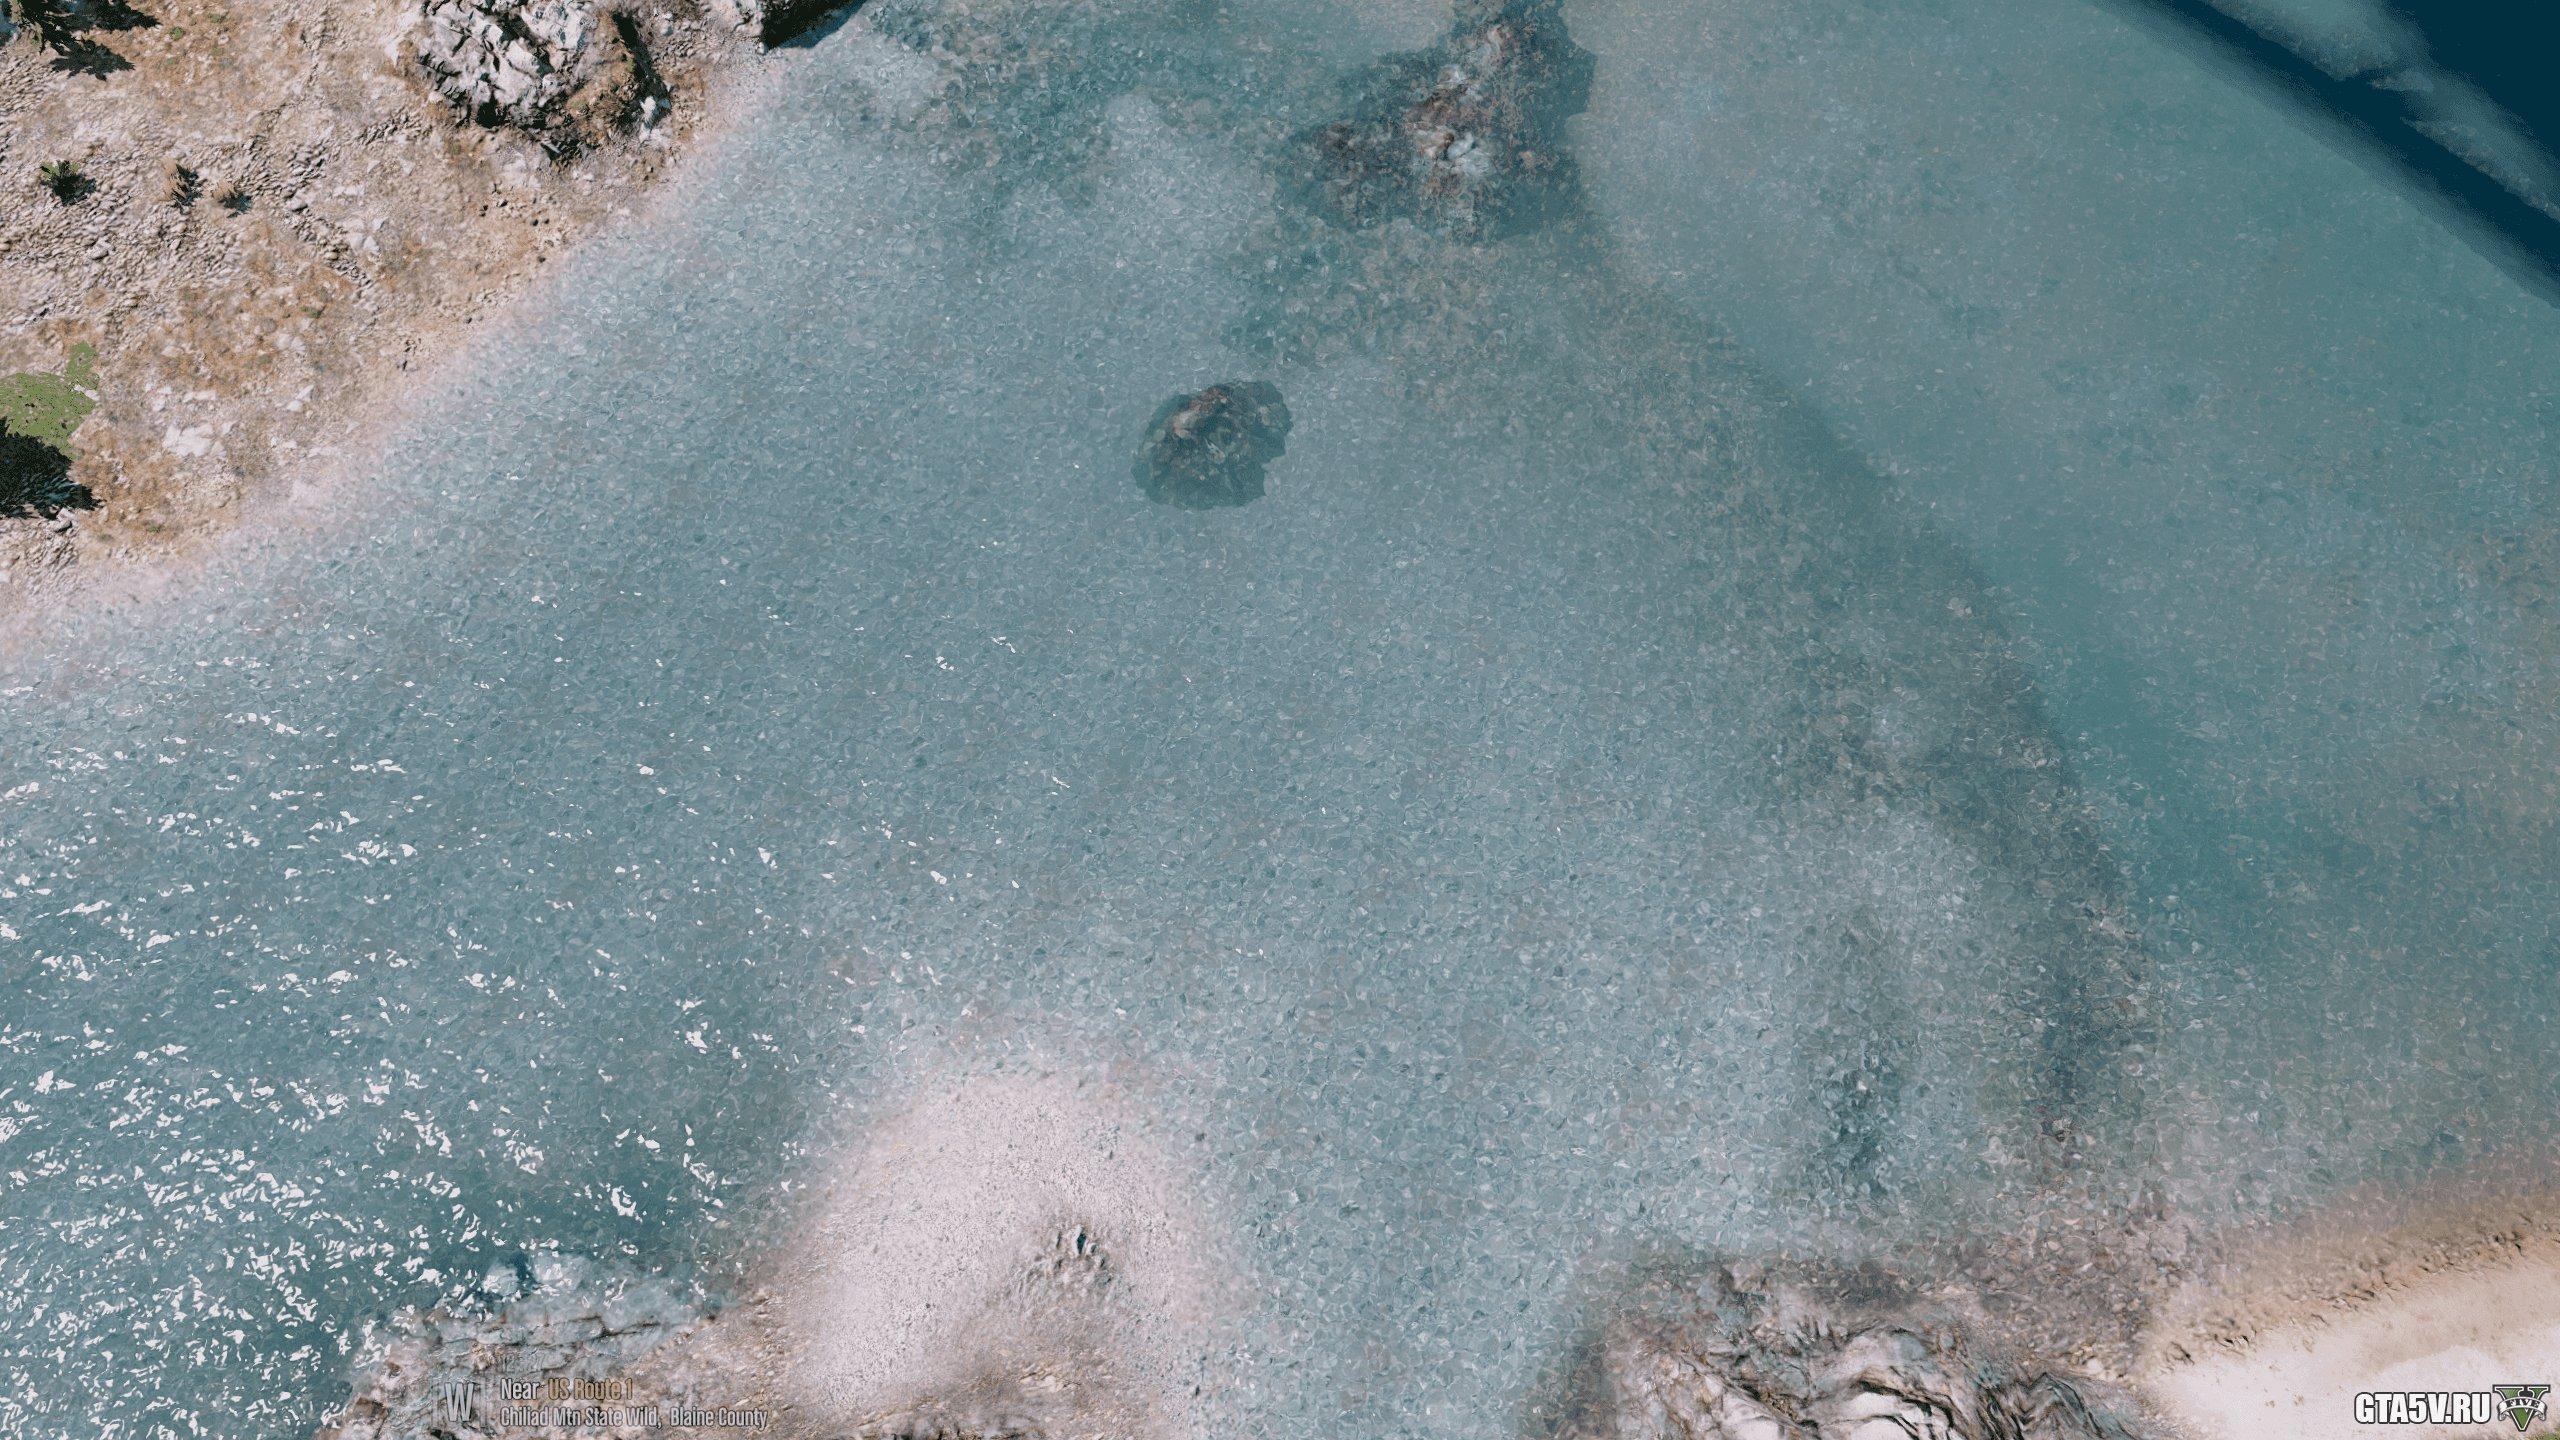 2k Water Мод на ГТА 5 — Реалистичная вода — Теперь 4K